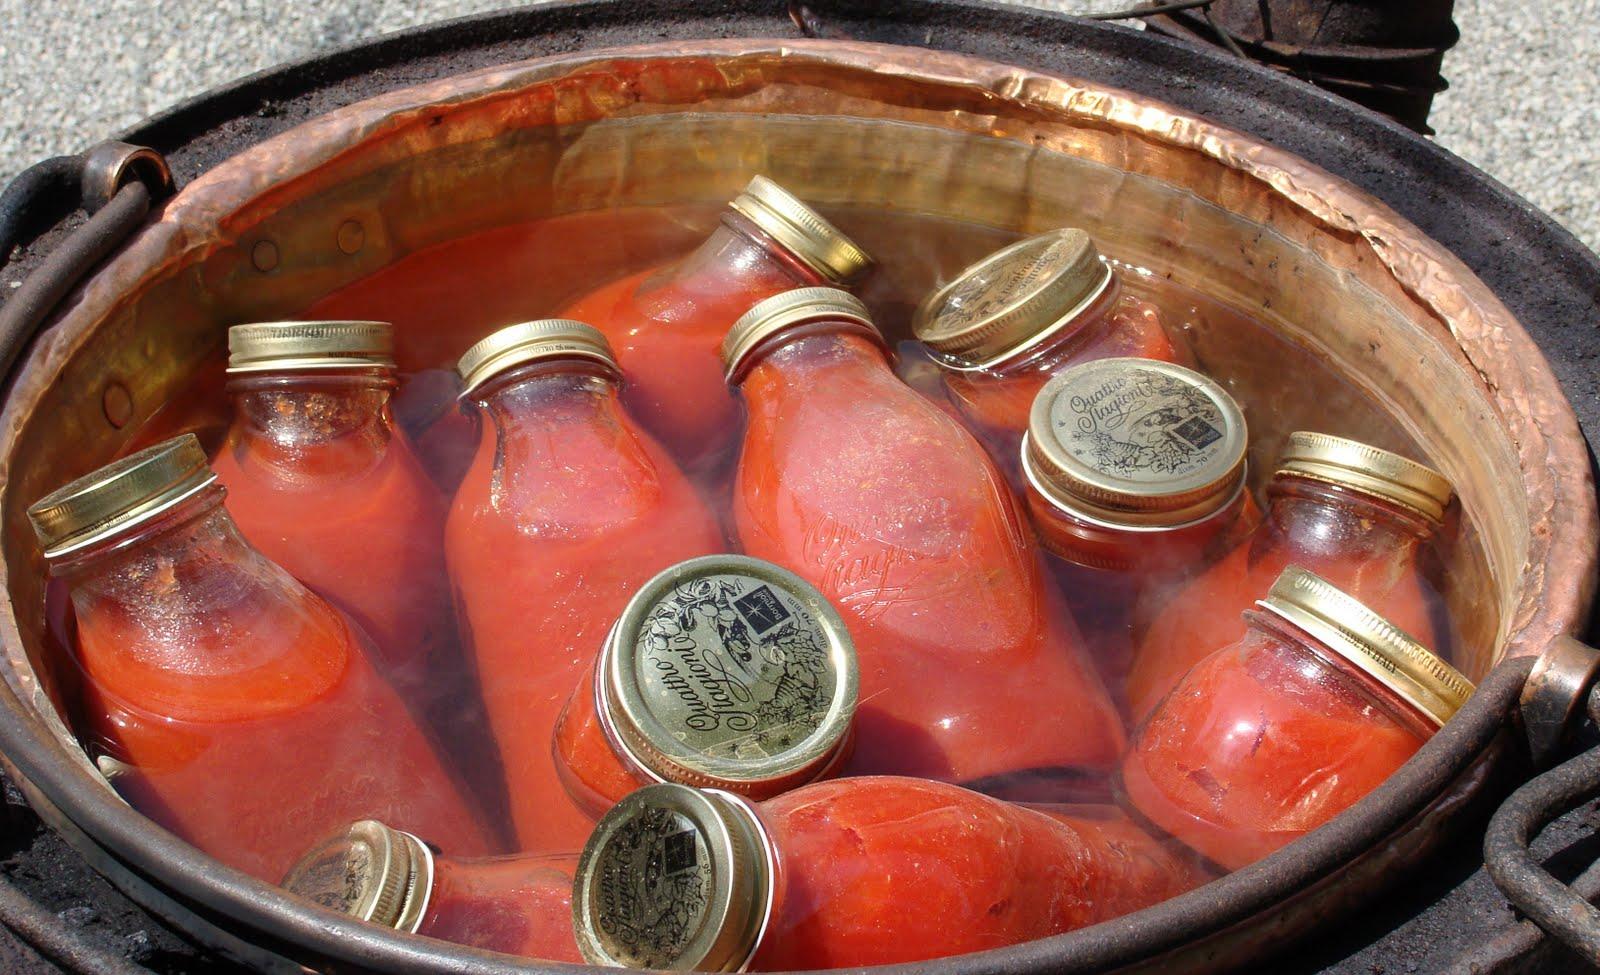 La salsa di pomodoro fatta in casa dimostra perché non va più acquistata salsa di pomodoro nei supermercati